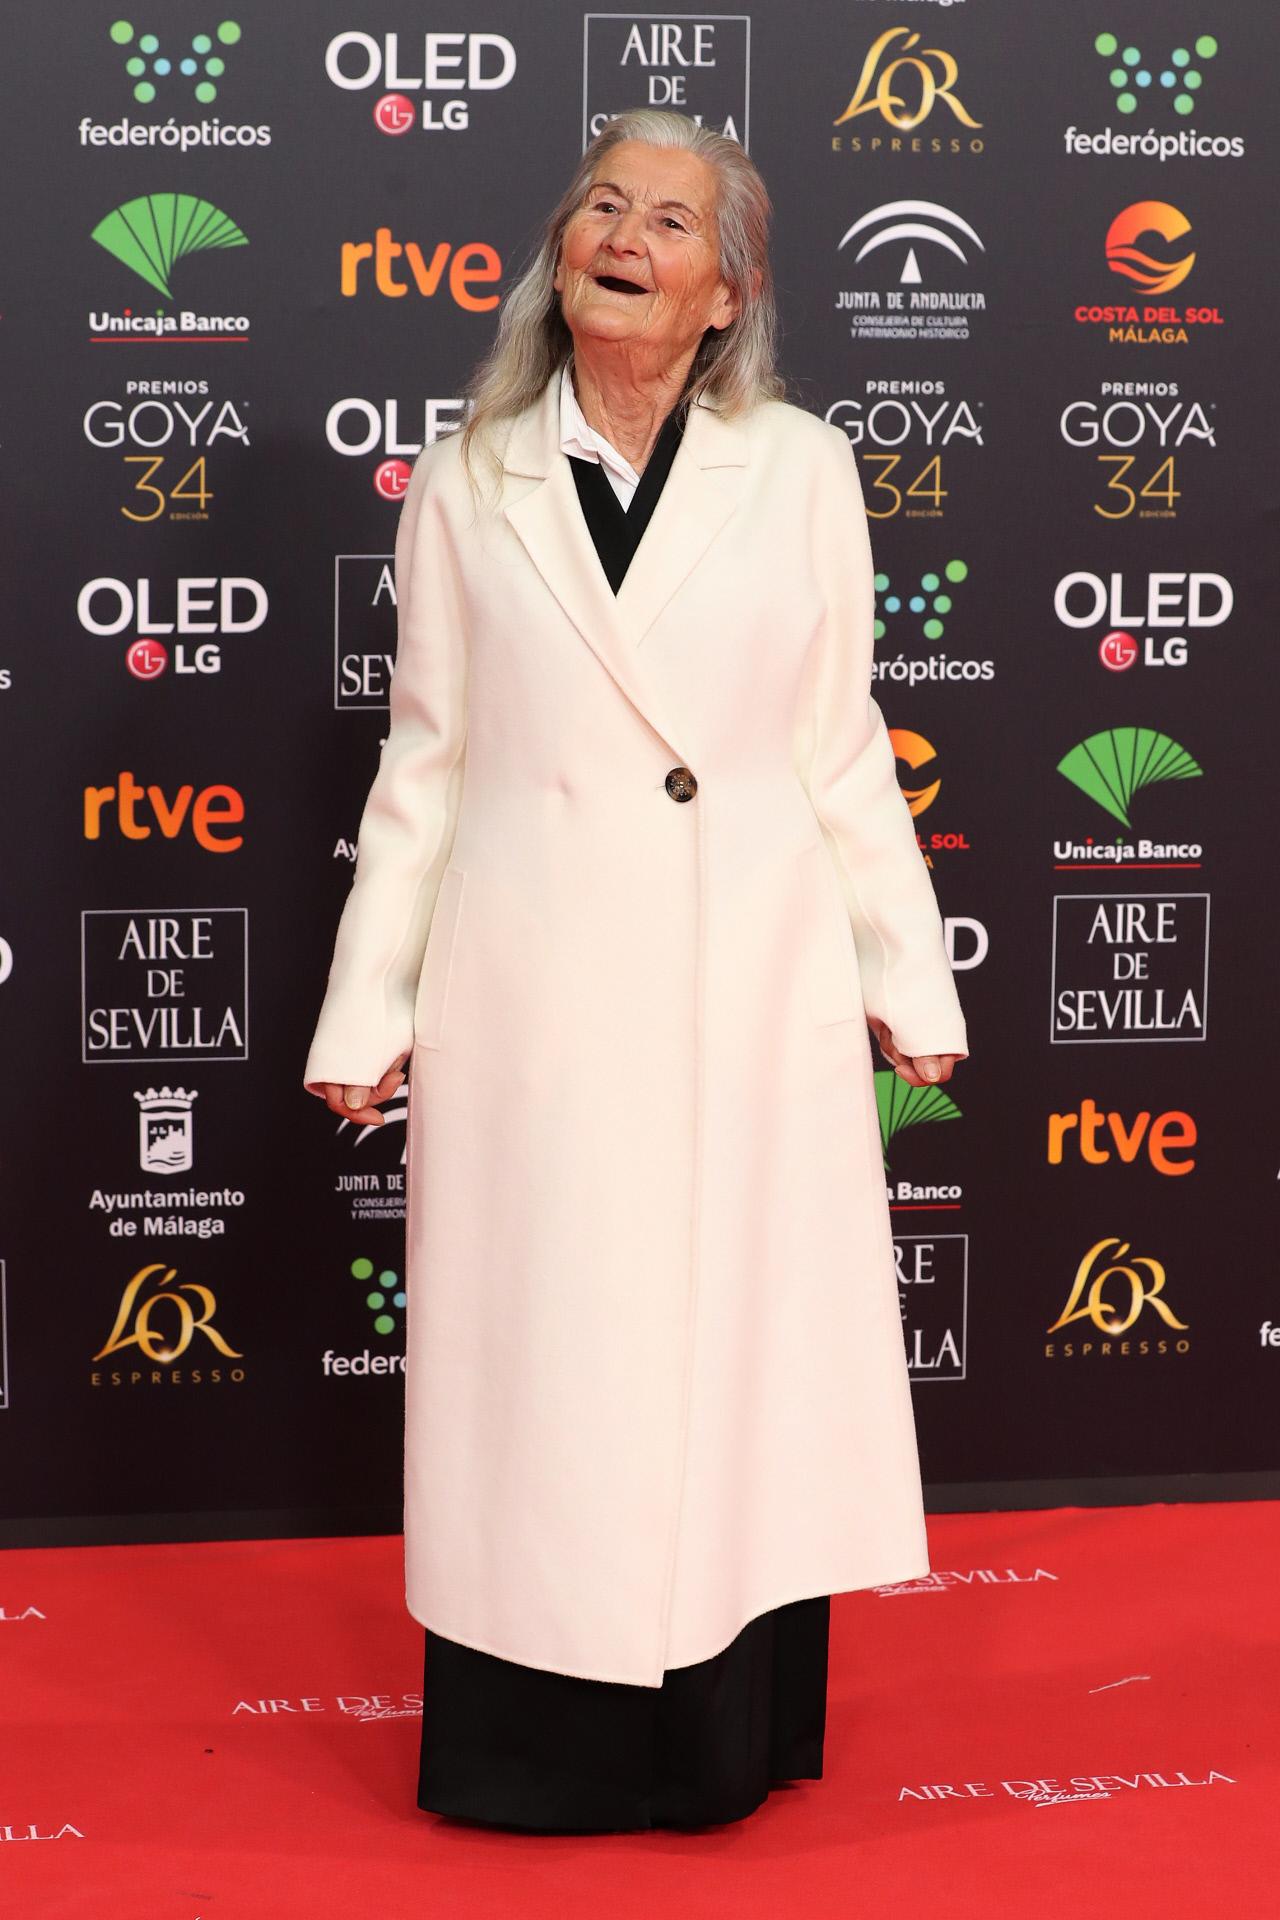 Benedicta Sánchez con look de Adolfo Domínguez.